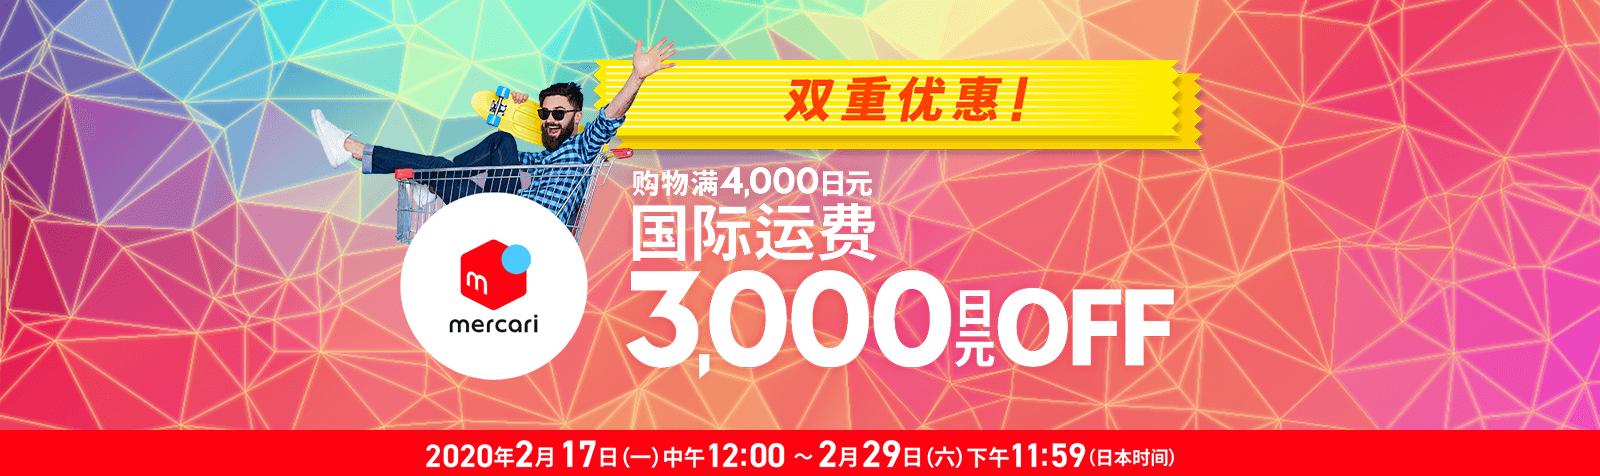 Mercari限定免国际运费3000日元优惠活动正在开跑中 - Buyee